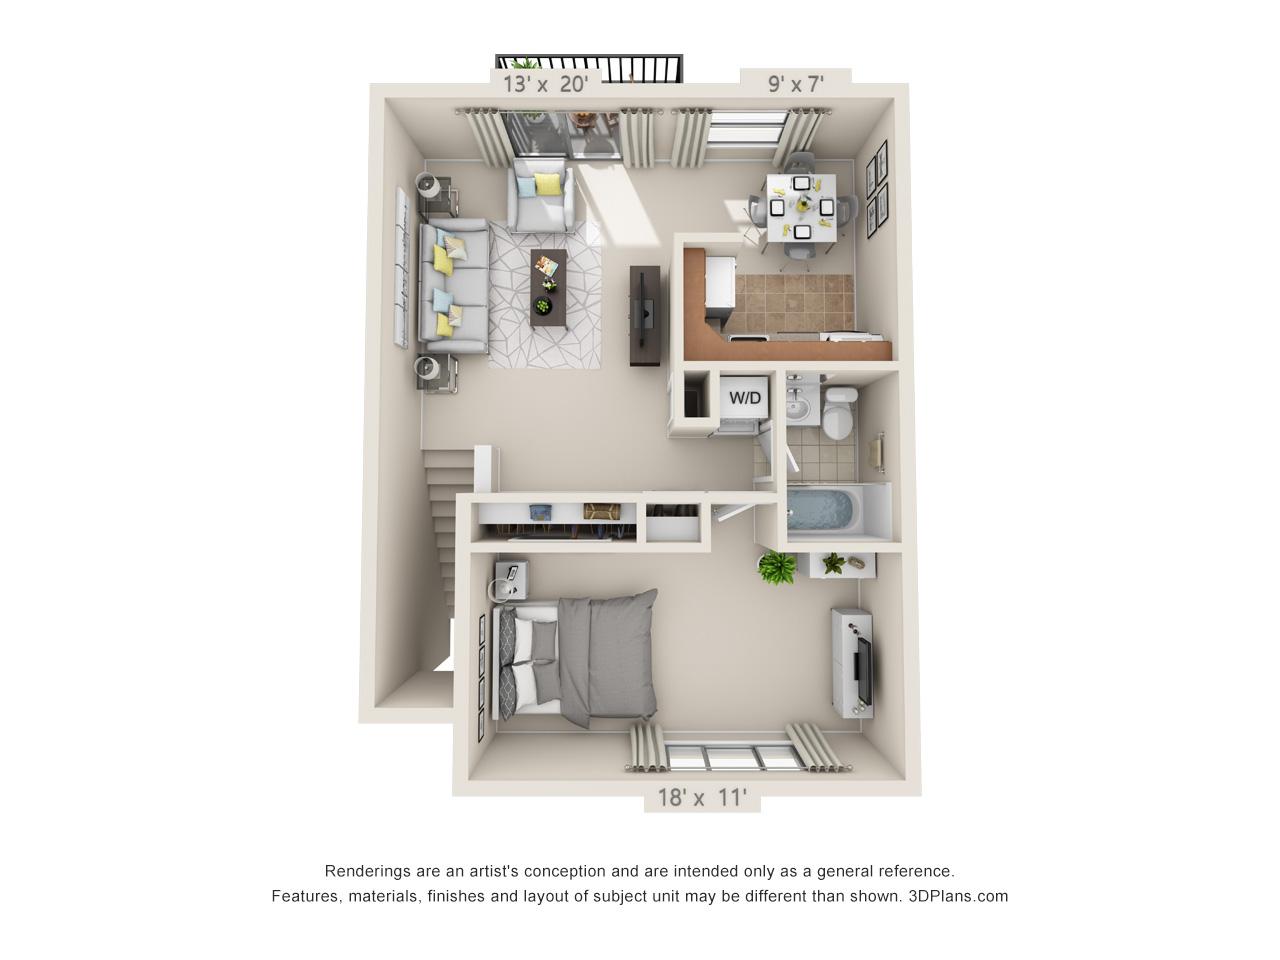 1 bedroom apartments in langhorne